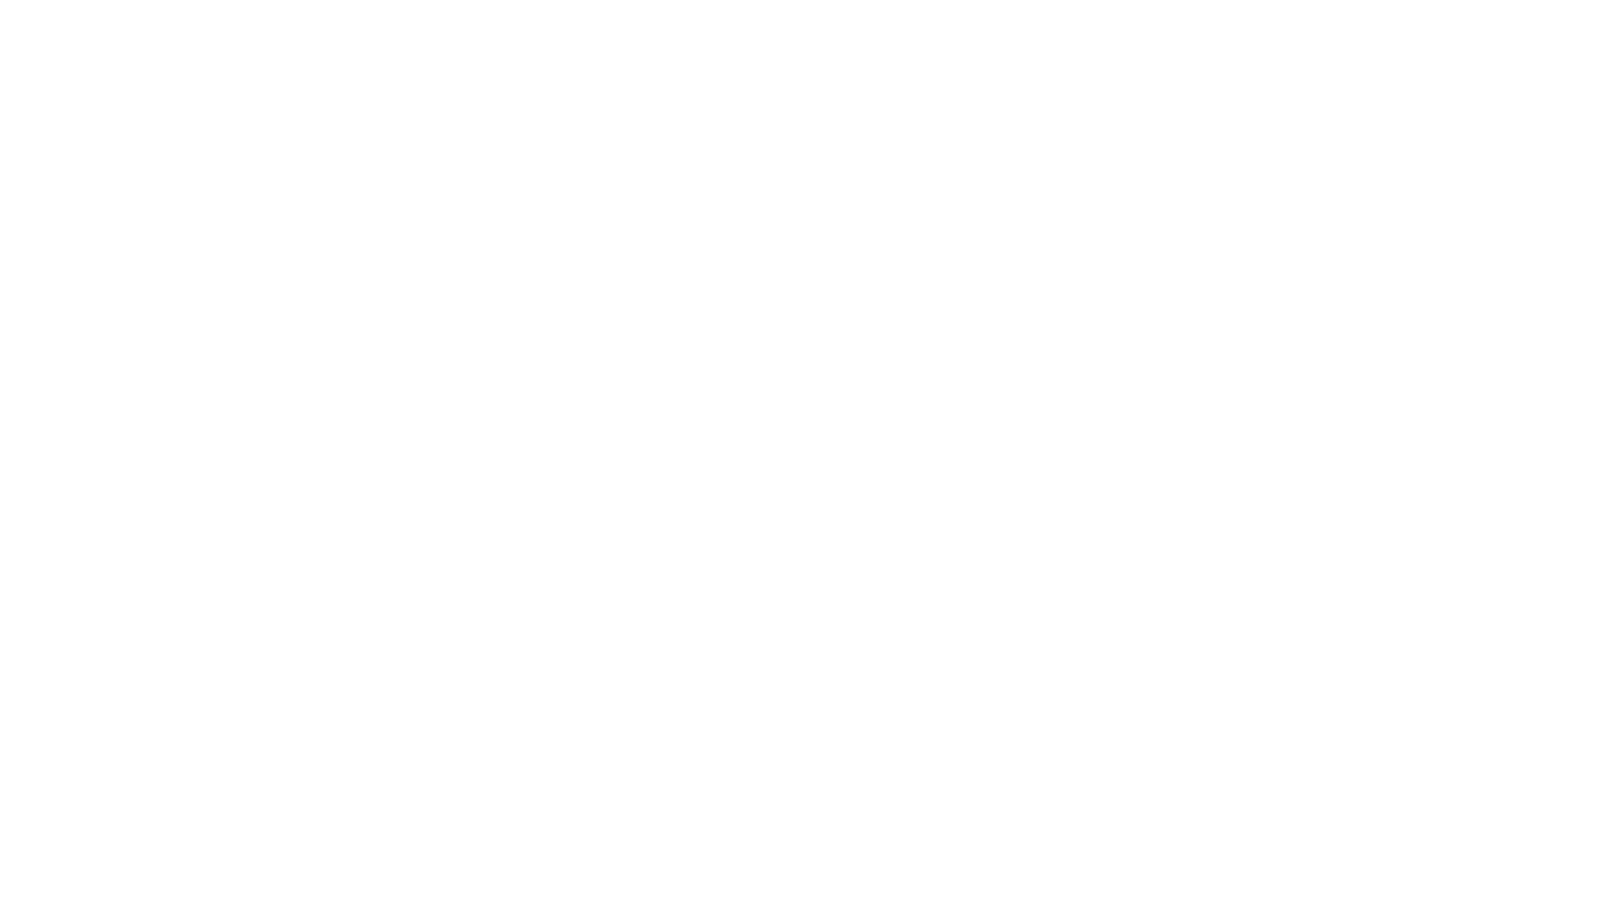 Siemanko, zapraszam Was do zobaczenia nowego odcinka, w którym opowiadam o planach na ten rok i przede wszystkim jak NIE SKAKAĆ NA ROWERZE!  www.piotrekkrajewski.pl  Link do mojej grupy na facebooku: https://www.facebook.com/groups/youtube.piotrekkrajewski  Poprzedni film: Podejście do zajawy: https://youtu.be/8m-xQUuYtYo  Jak wygląda szkolenie ze mną: https://youtu.be/uWPmG7MstHA  Kanał @Dirt It More  https://www.youtube.com/user/ELVISBIKER  Zdjęcie z miniaturki: Jestem Piotrek Robię Zdjęcia